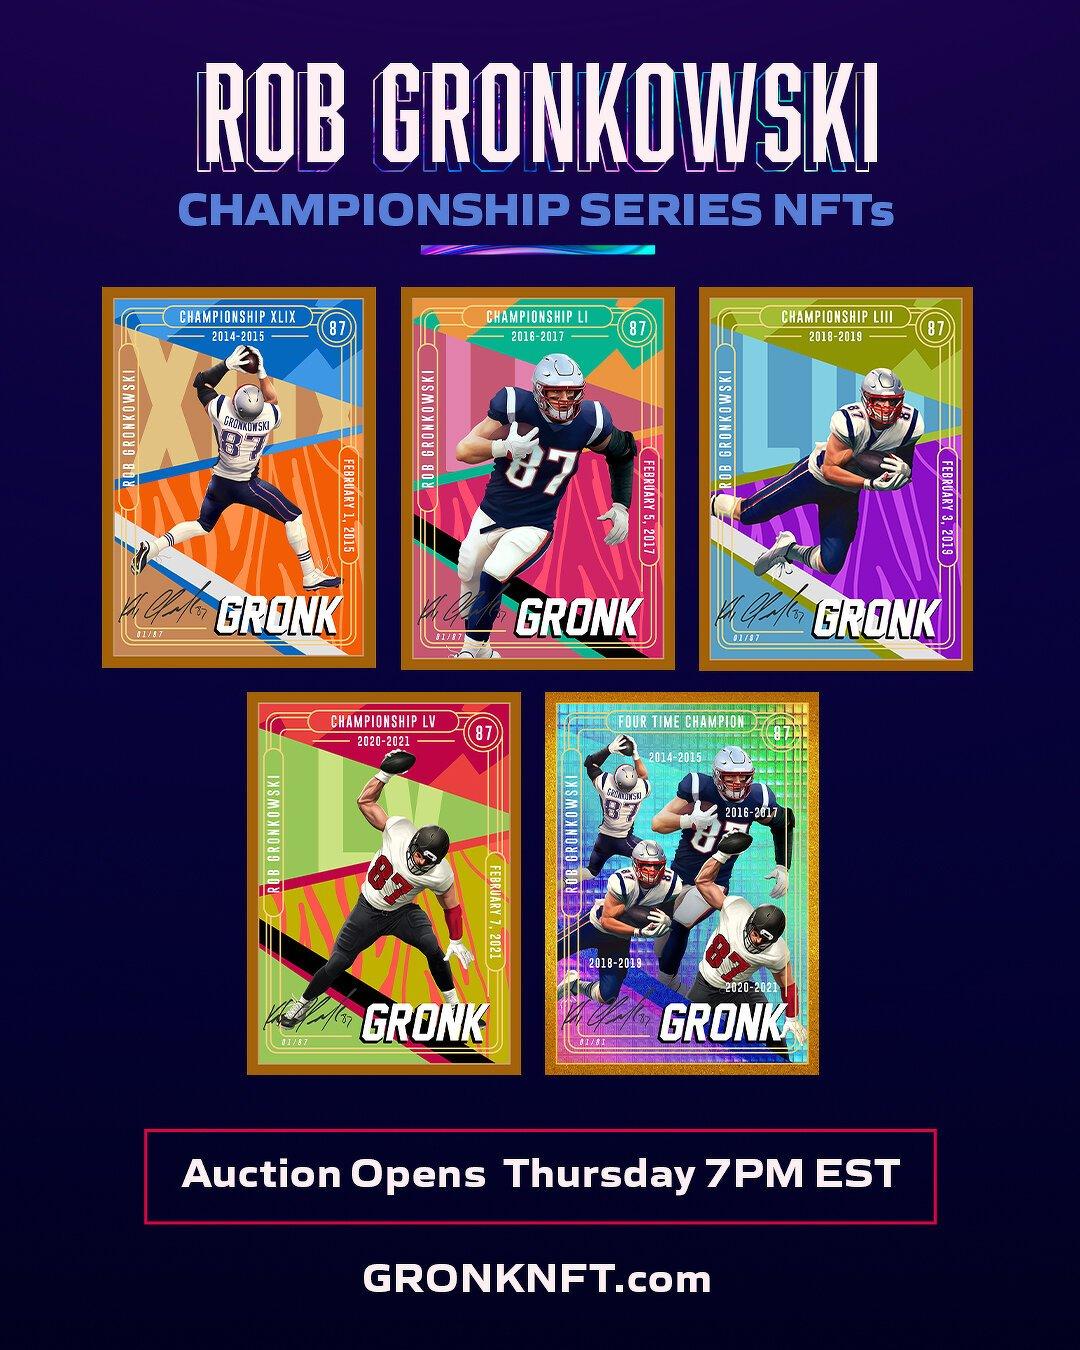 Rob Gronkowski, estrella de la NFL, lanza serie de coleccionables NFT